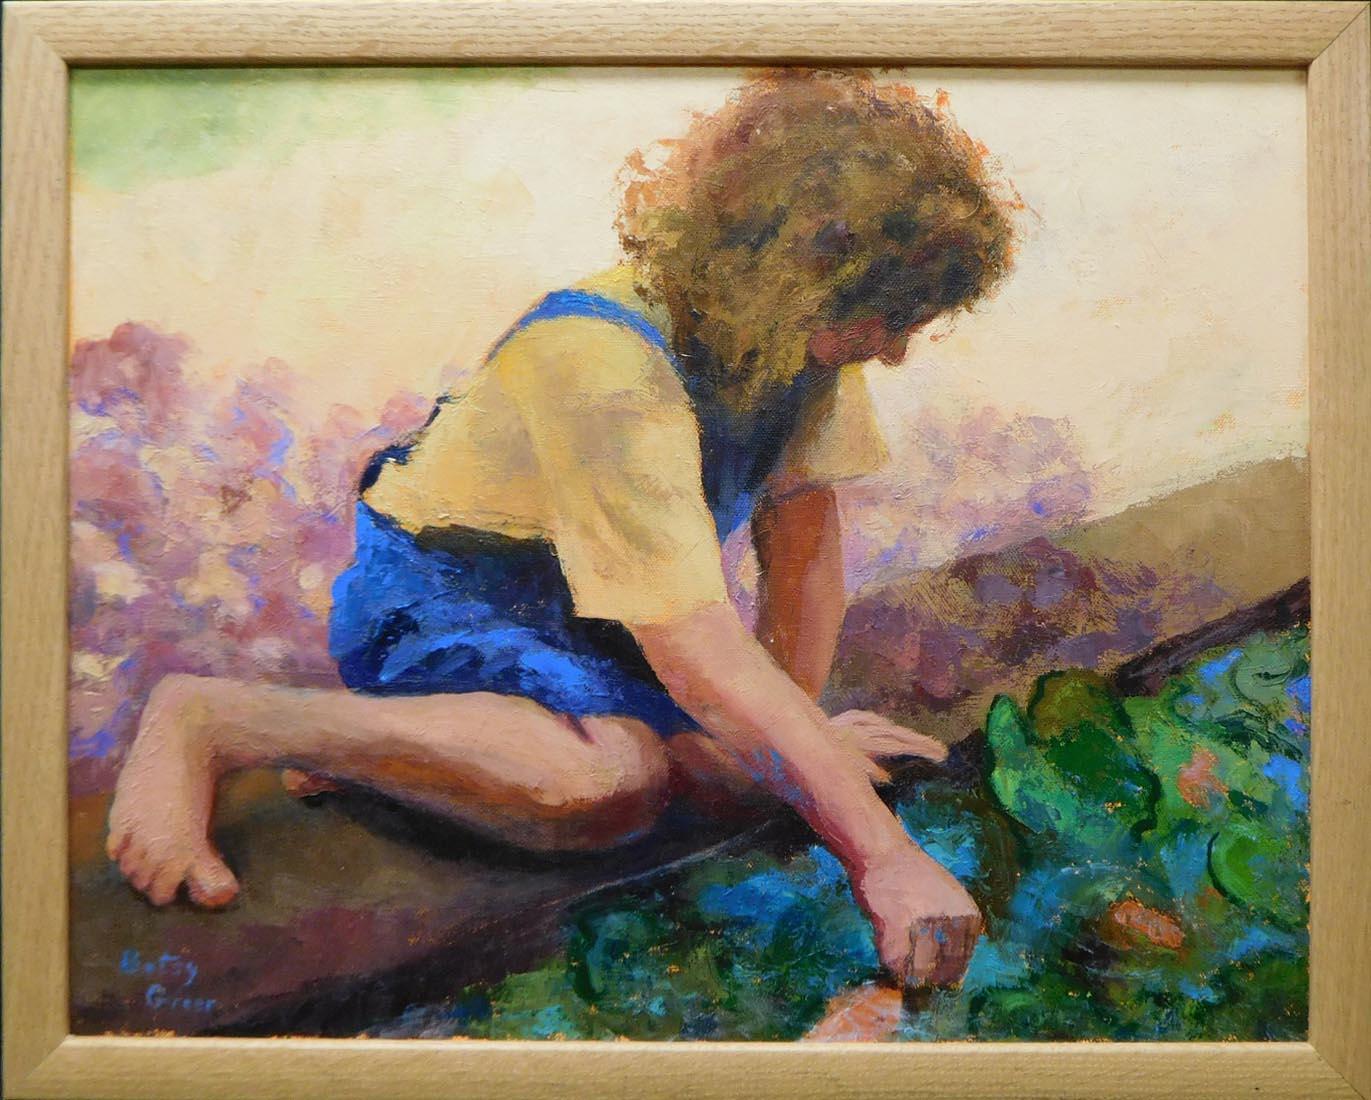 Feeding the Fish - Betsy Greer